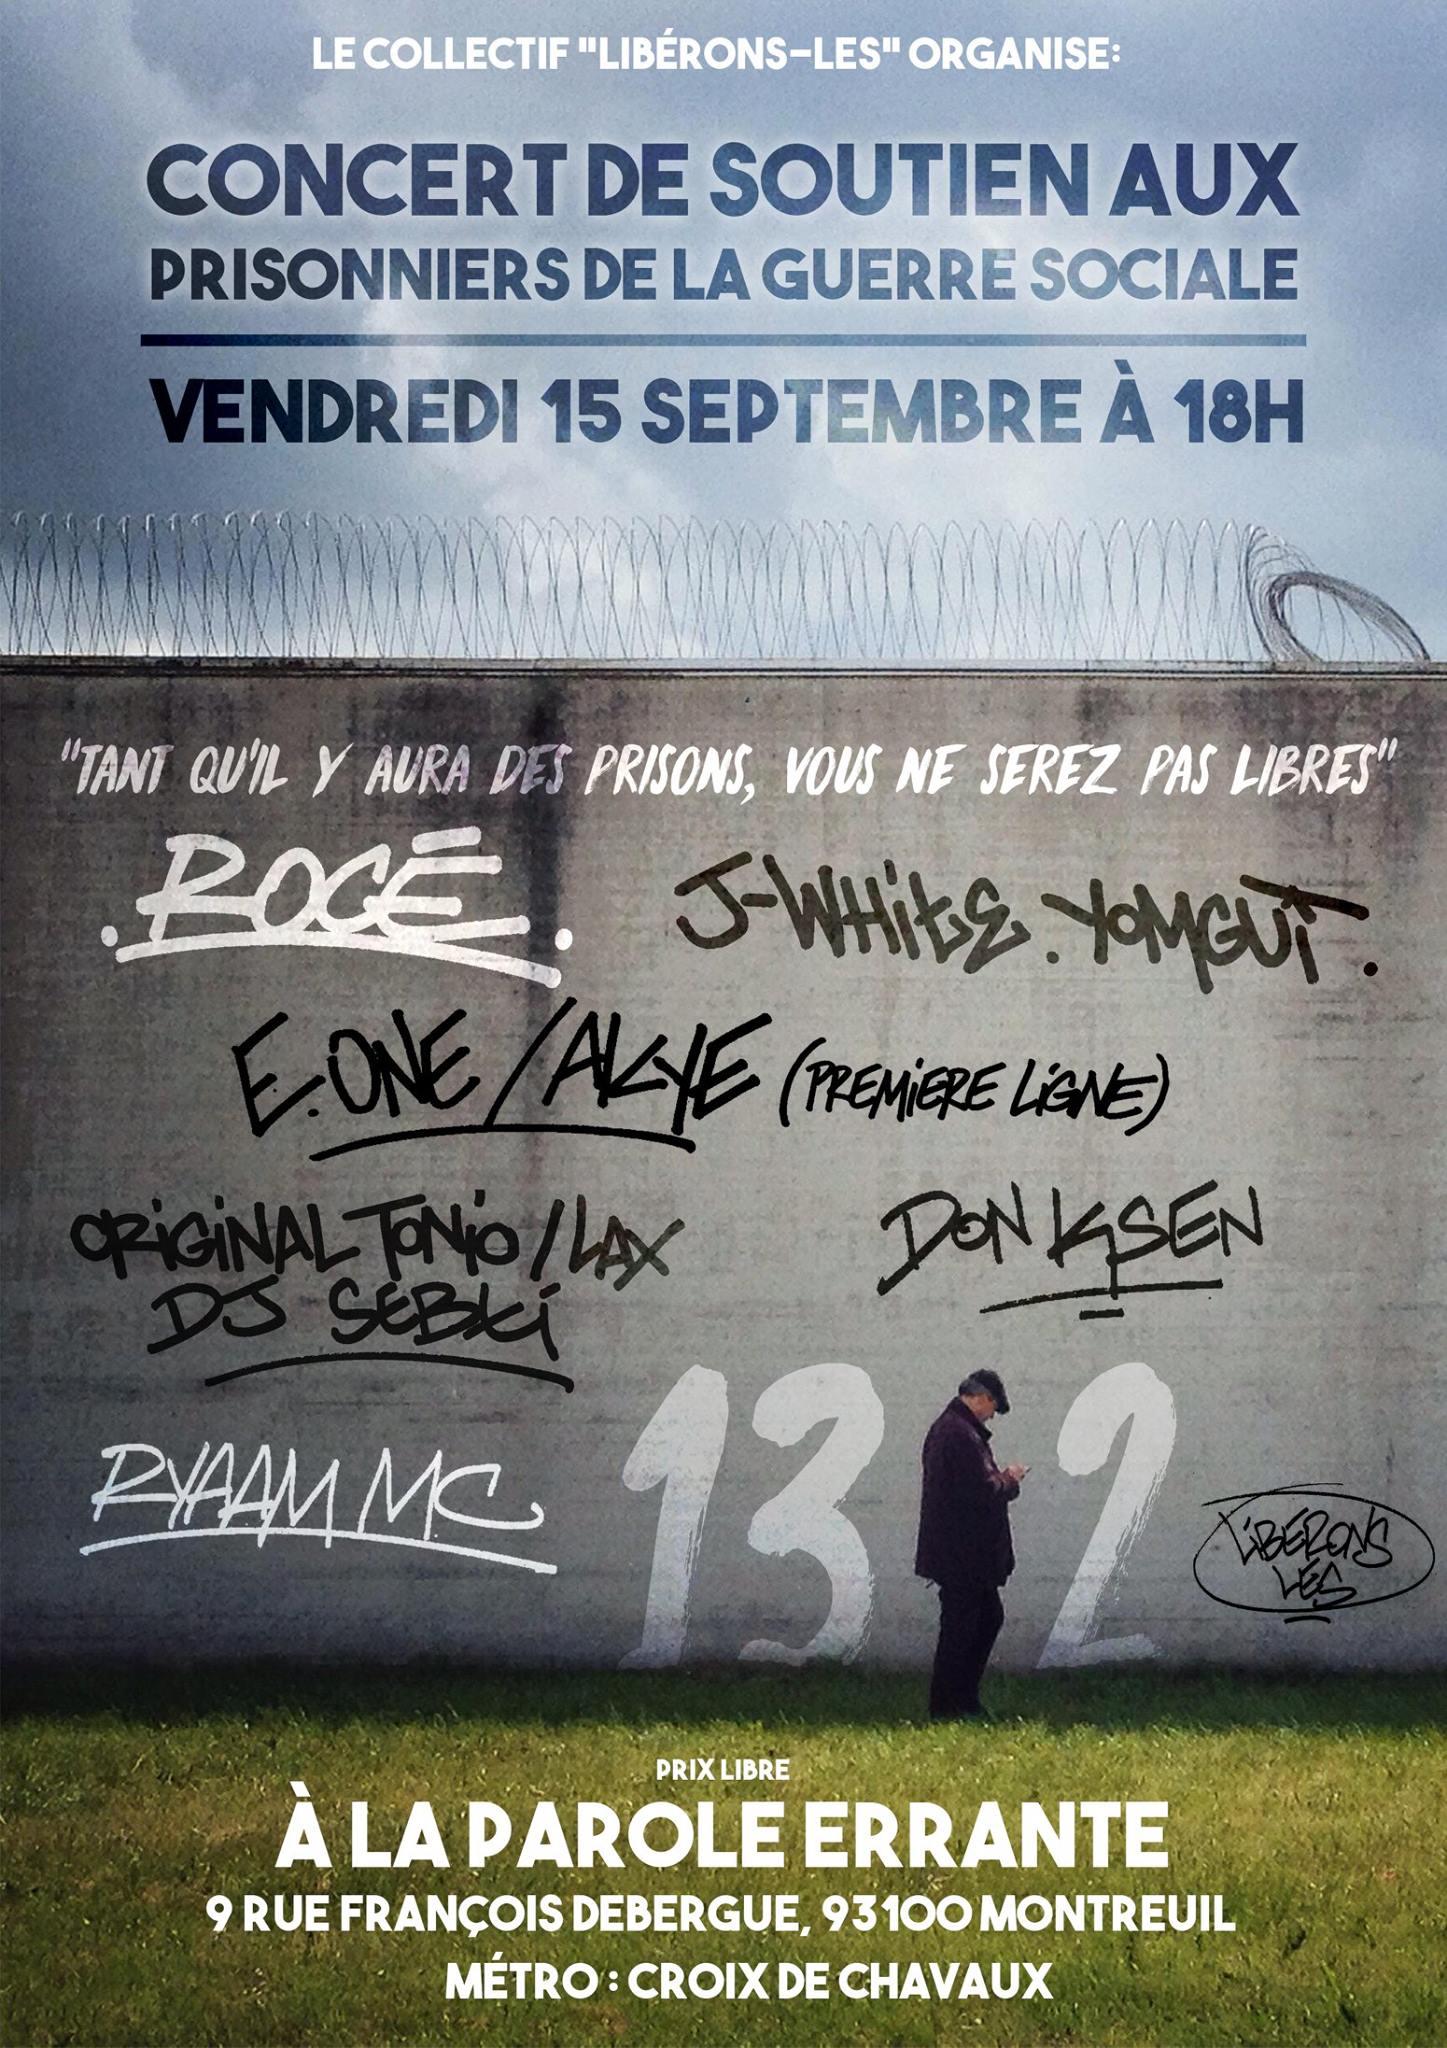 Concert de soutien aux prisonniers de la guerre sociale le 15 septembre 2017 à Montreuil